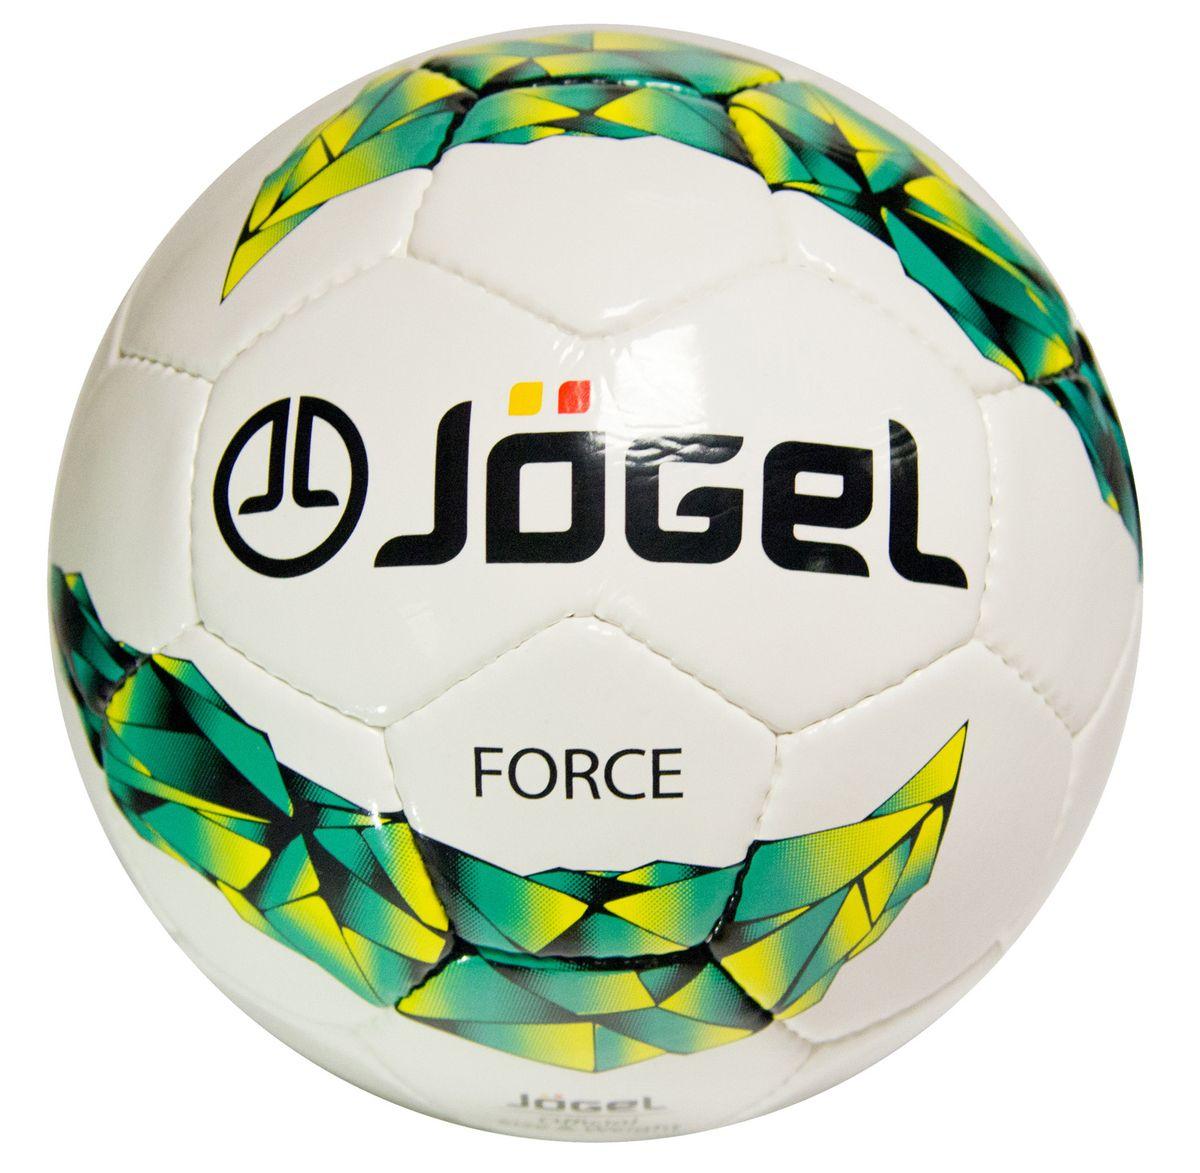 Мяч футбольный Jogel Force, цвет: белый, зеленый, желтый. Размер 4. JS-450УТ-00009472Футбольный мяч Jogel JS-450 Force прекрасная любительская модель ручной сшивки. Покрышка мяча выполнена из сочетания поливинилхлорида и полиуретана, за счет чего достигается дополнительная плотность и износостойкость. Мяч Jogel JS-450 Force предназначен для любительской игры и тренировок любительских команд.Мяч имеет 4 подкладочных слоя на нетканой основе (смесь хлопка с полиэстером) и латексную камеру с бутиловым ниппелем, который обеспечивает долгое сохранение воздуха в камере.Мяч не рекомендован для игры при низких температурах (ниже +5°С).Вес: 410-450 гр.Длина окружности: 68-70 см.Рекомендованное давление: 0.6-0.8 бар.УВАЖАЕМЫЕ КЛИЕНТЫ!Обращаем ваше внимание на тот факт, что мяч поставляется в сдутом виде. Насос в комплект не входит.